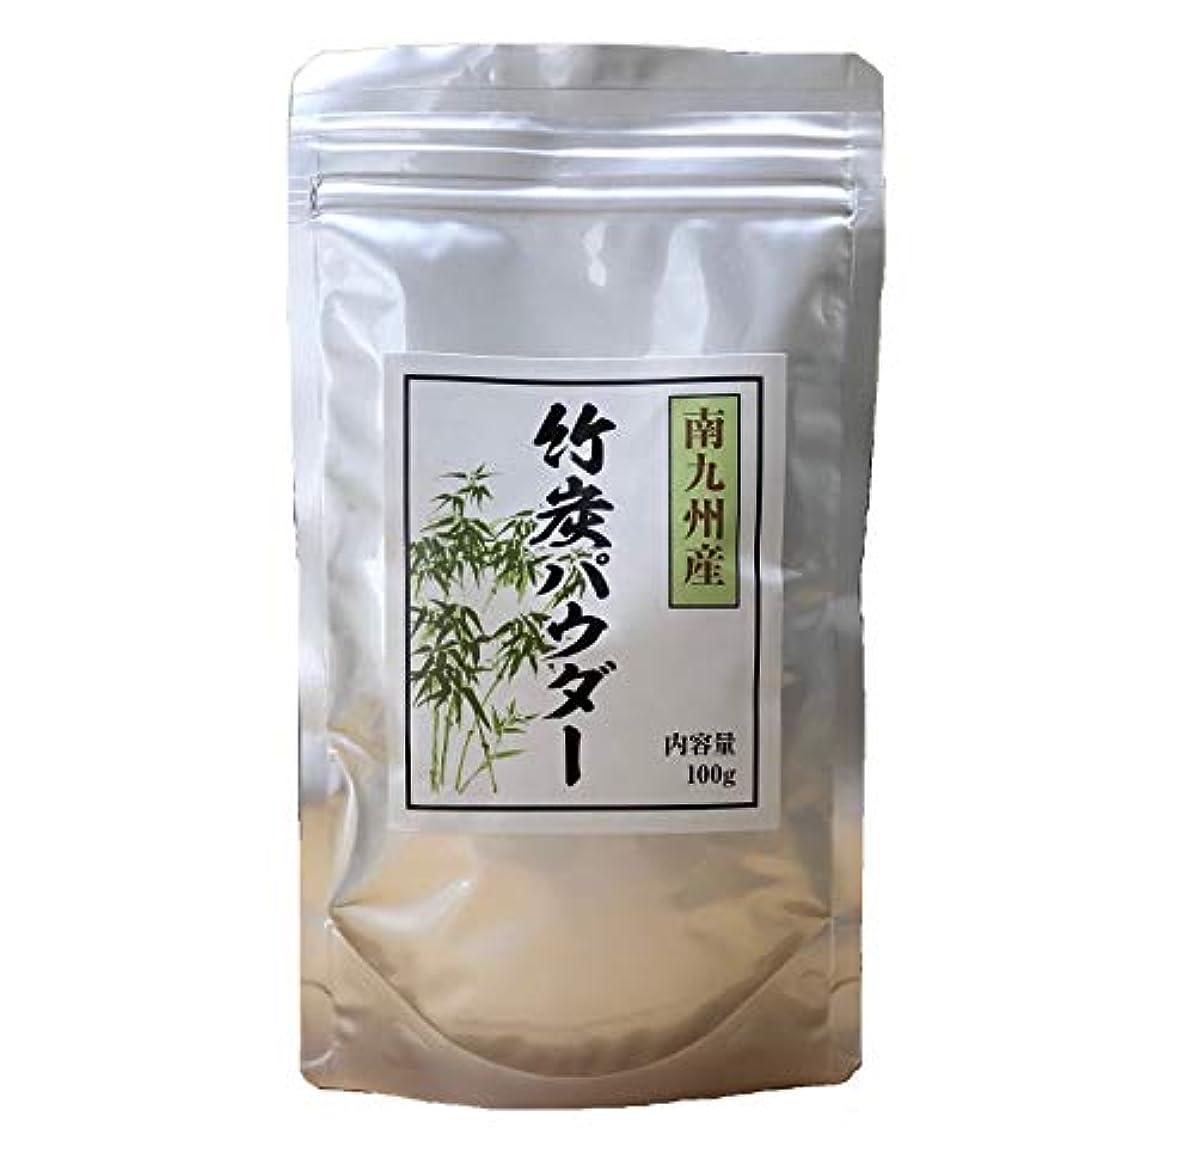 食事を調理する静かに設計竹炭パウダー 南九州産 100g!無添加食品、食用チャコール、放射能検査済み! (100g)